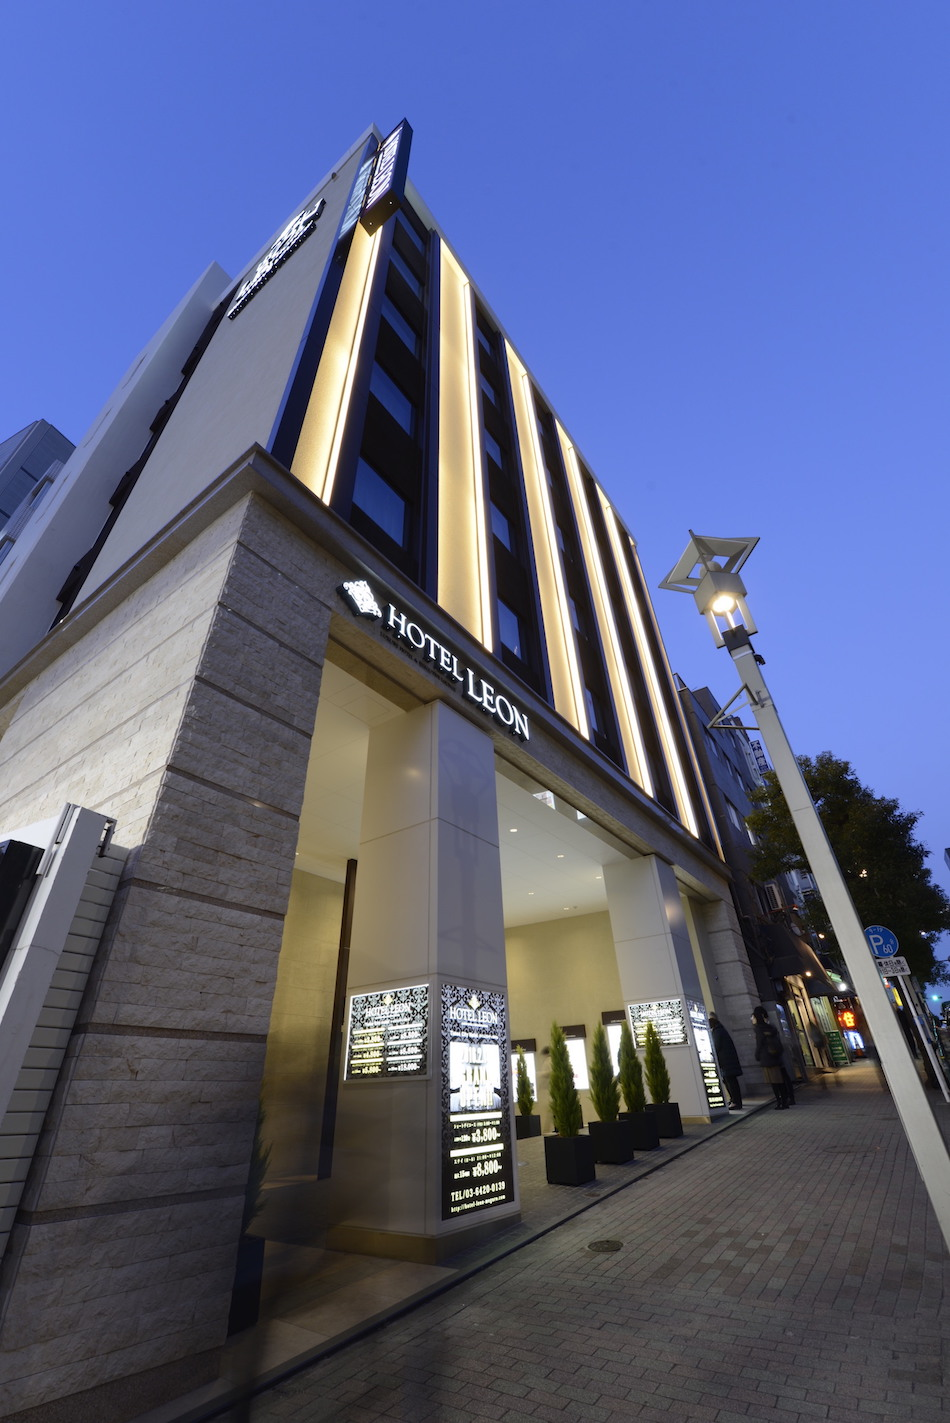 ホテルレオン目黒